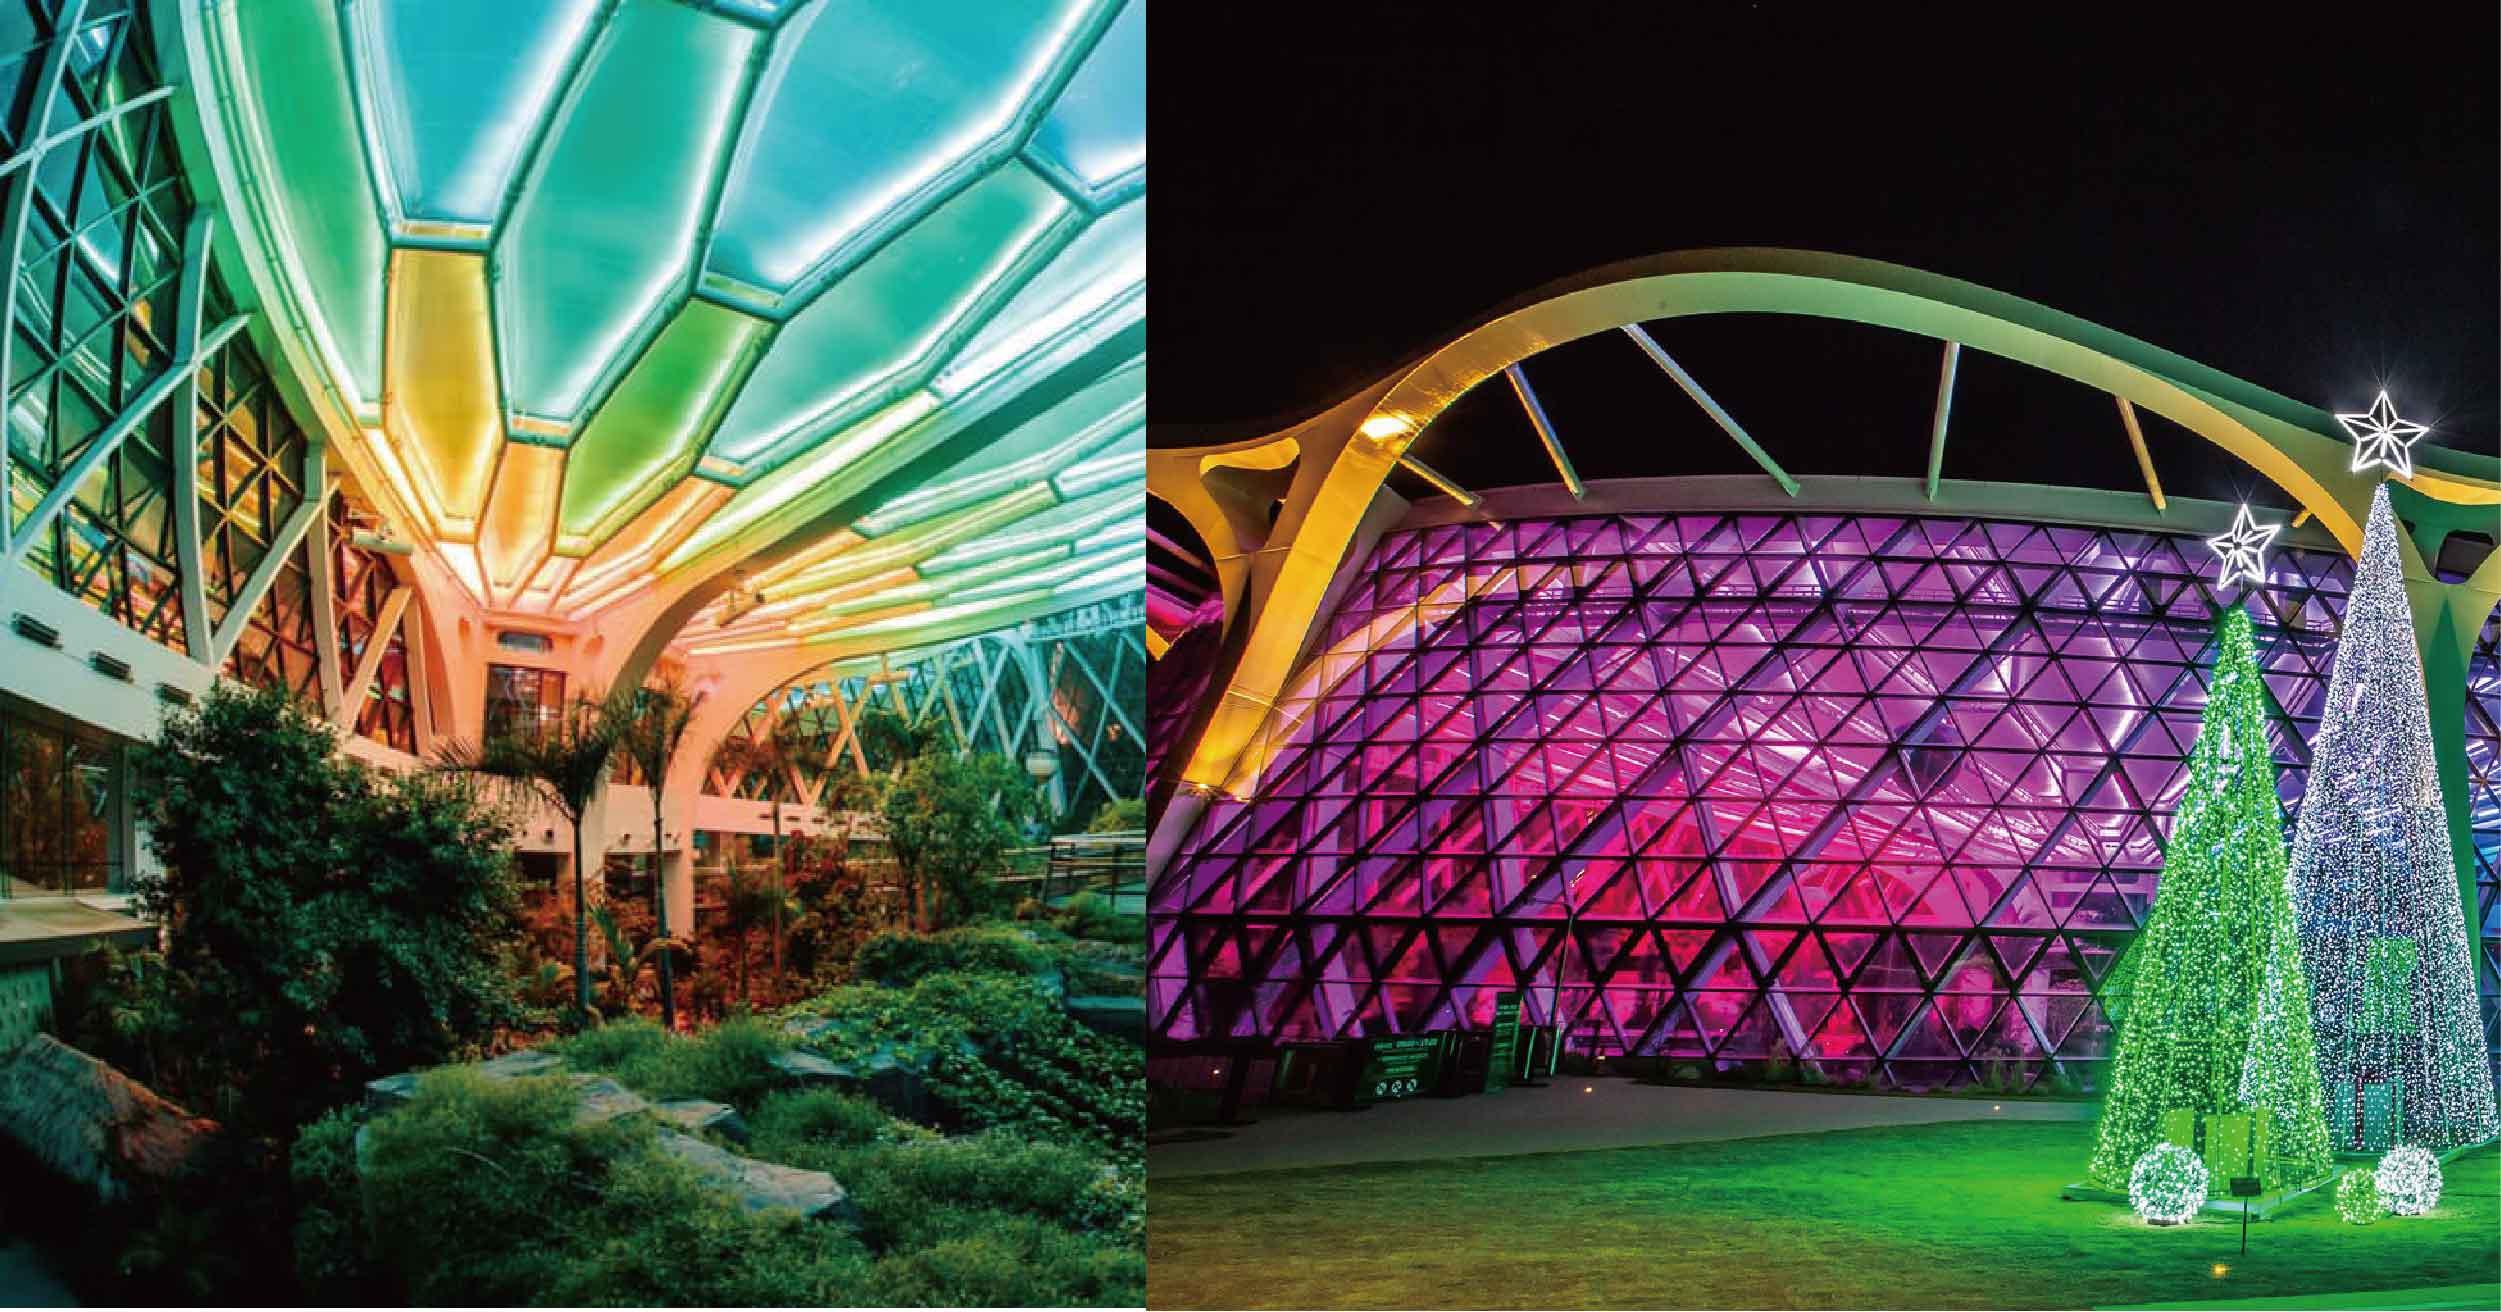 韓國首爾最大「玻璃植物園」夜晚更迷人!8月開始參觀,進入256色LED燈魔幻世界